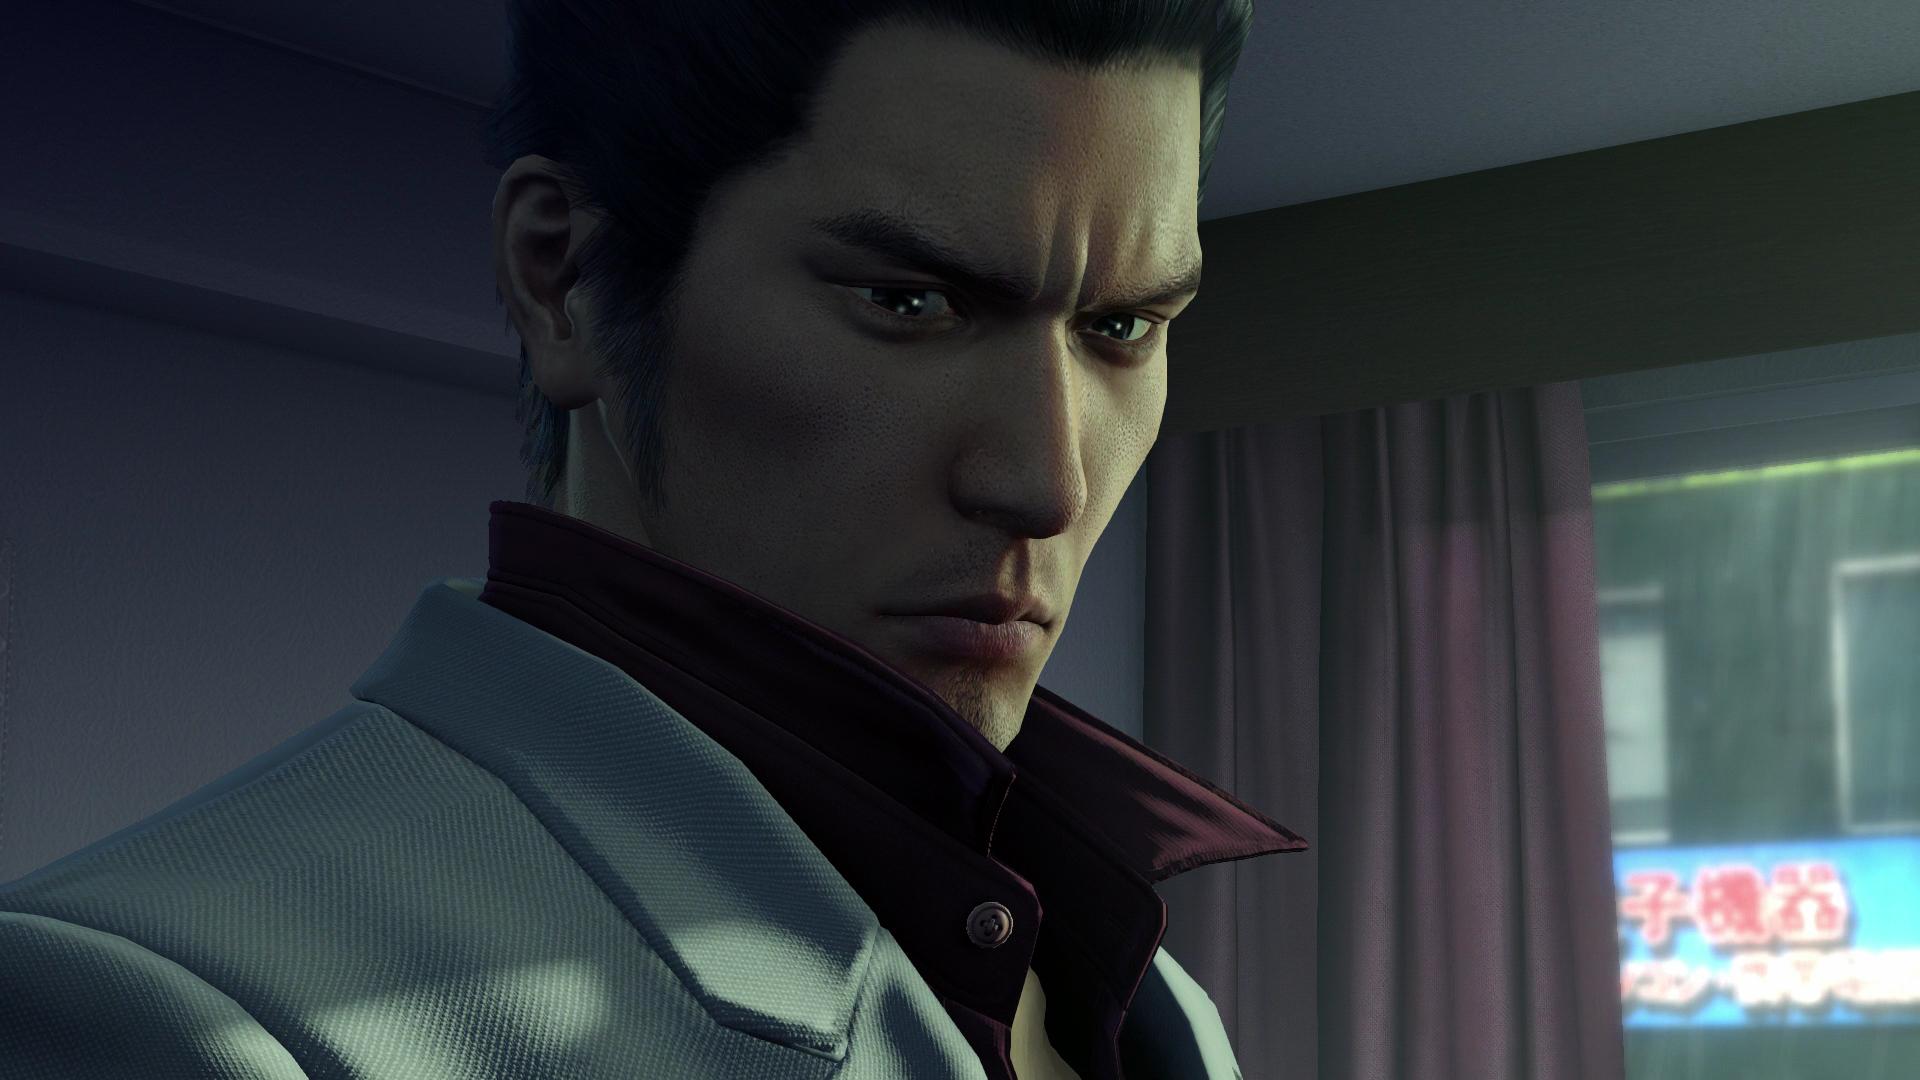 Yakuza Kiwami coming West this summer on PS4 | SEGA Nerds